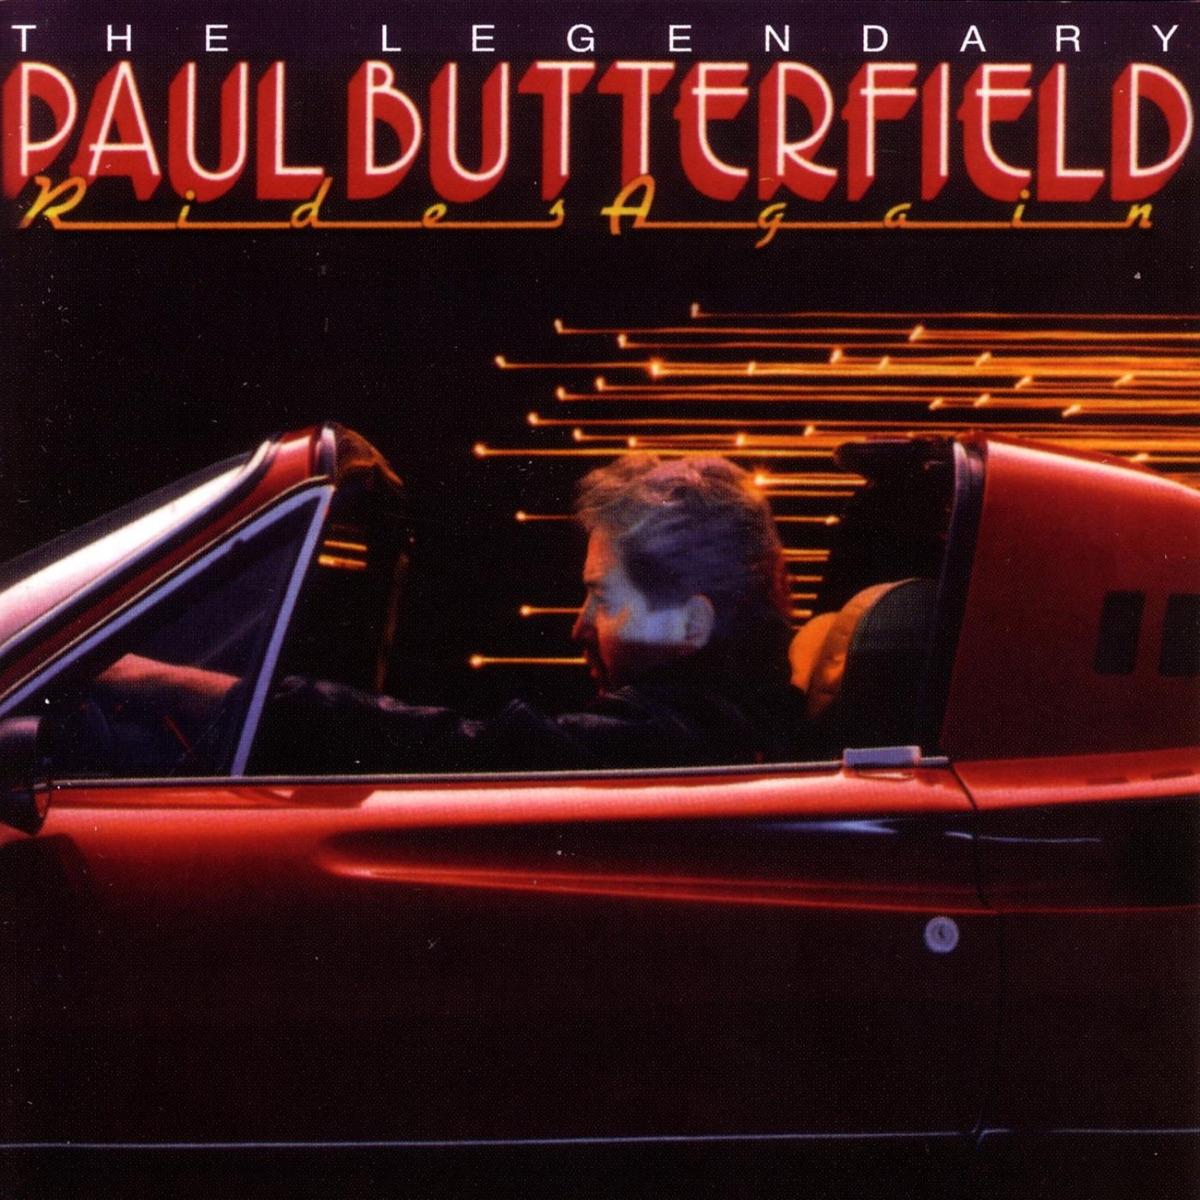 Paul Butterfield